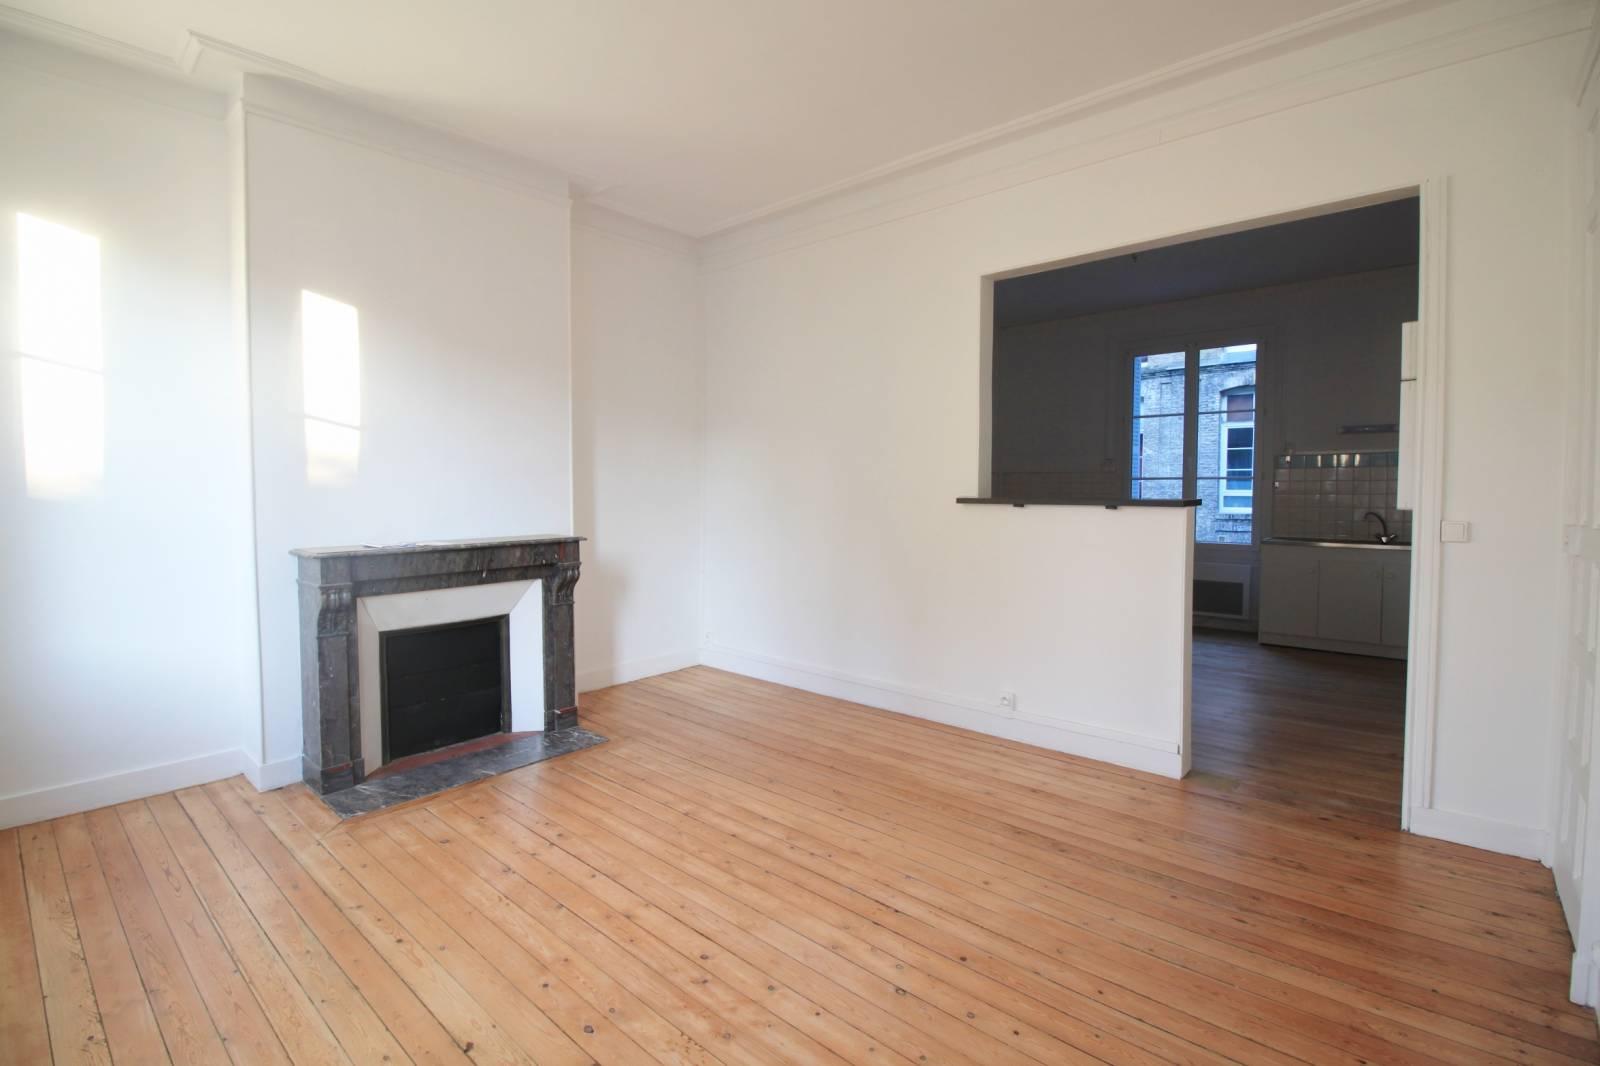 a louer appartement dieppe 76 rue d 39 ecosse transaction immobili re sur dieppe et sa r gion. Black Bedroom Furniture Sets. Home Design Ideas